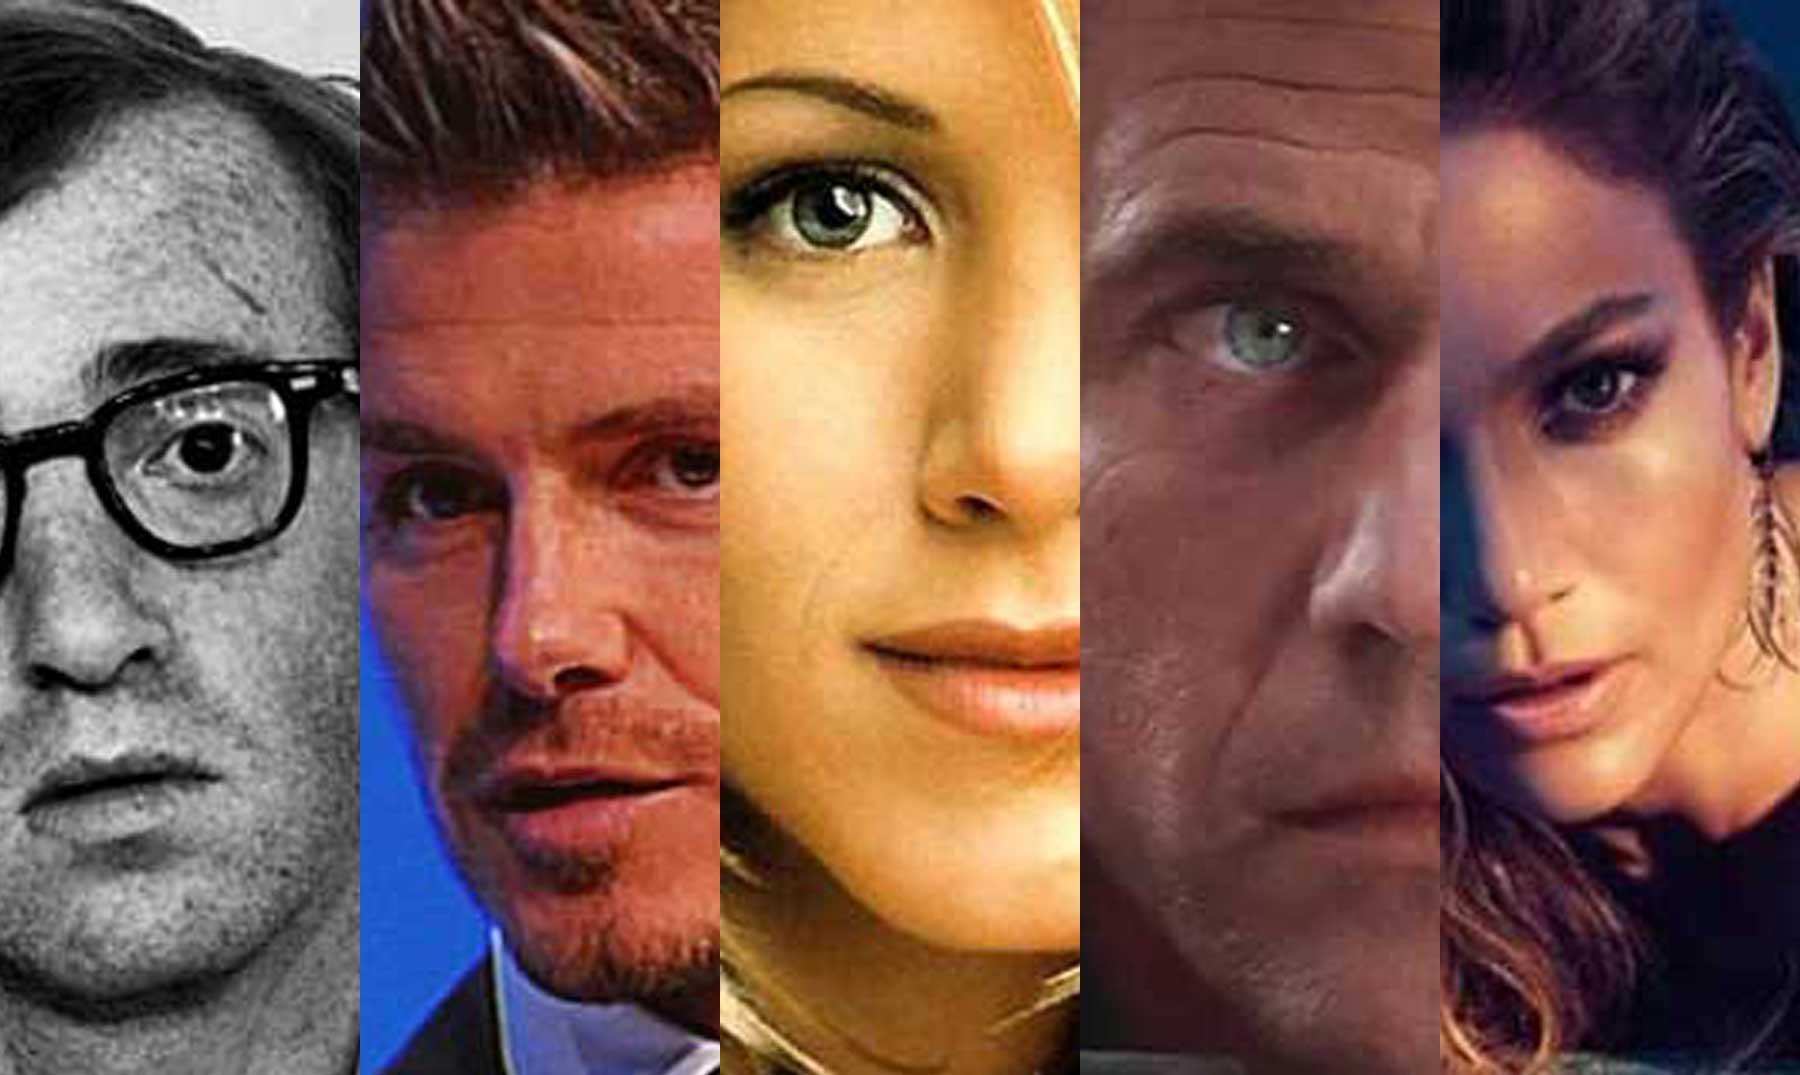 Las 10 manías más excéntricas de los famosos